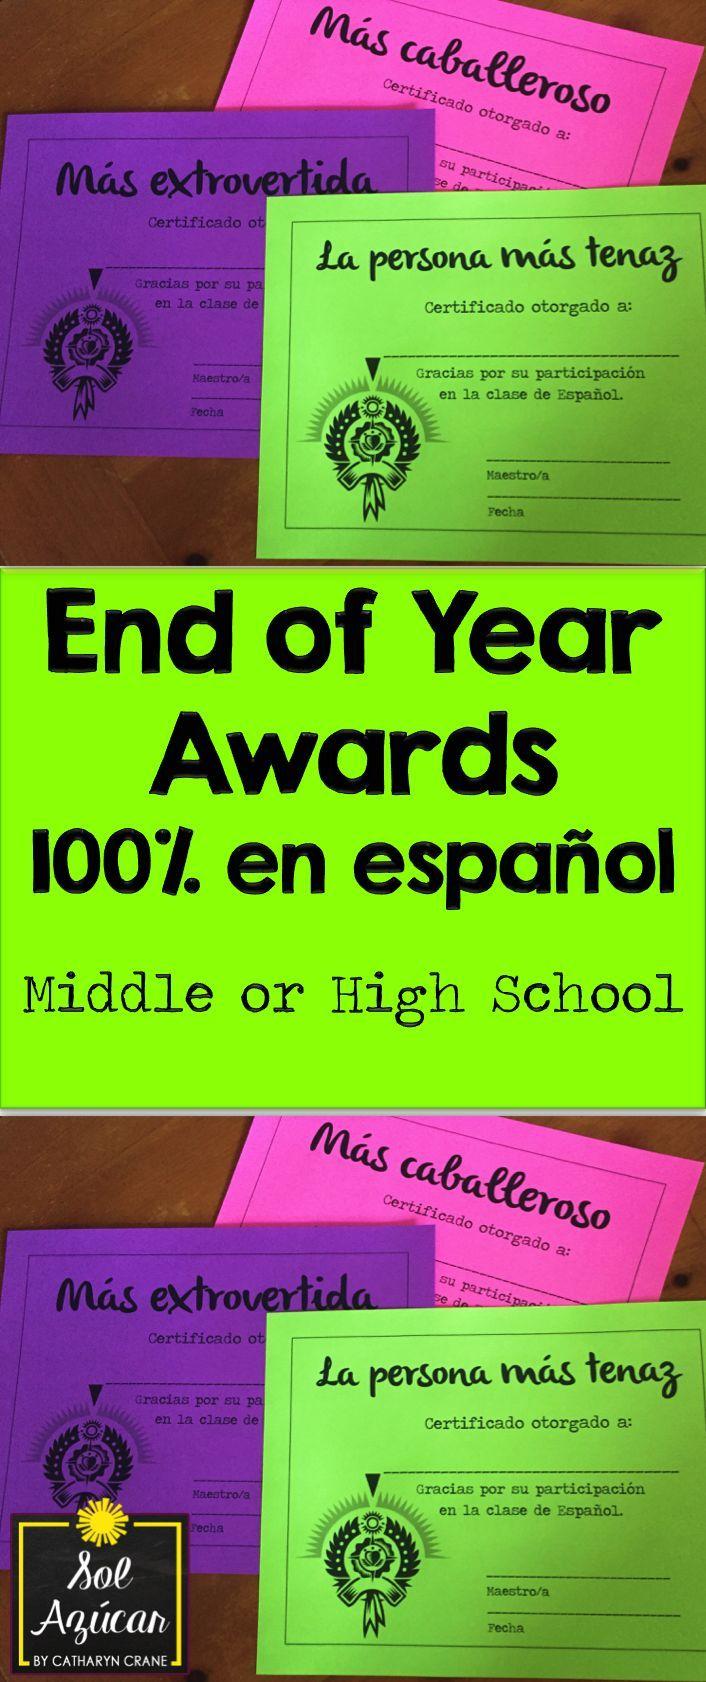 Student Awards 2011: 3144 Best Images About Clase De Espanol On Pinterest